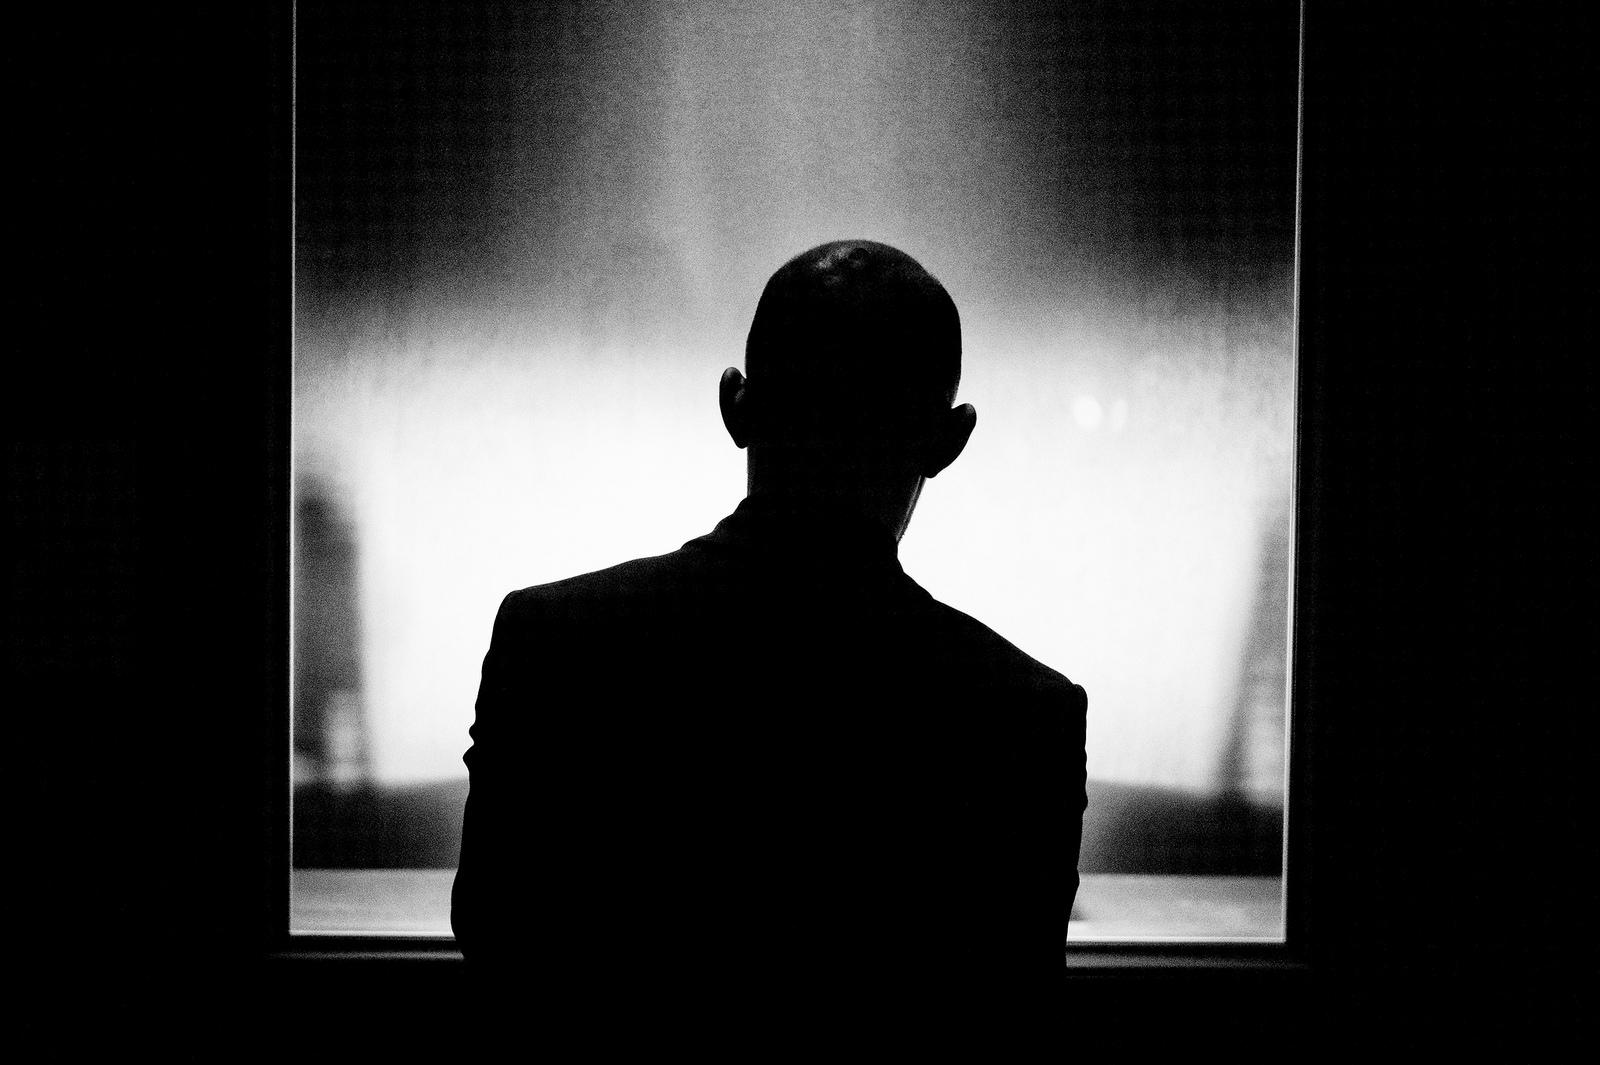 loneliness-in-london-alan-schaller-06